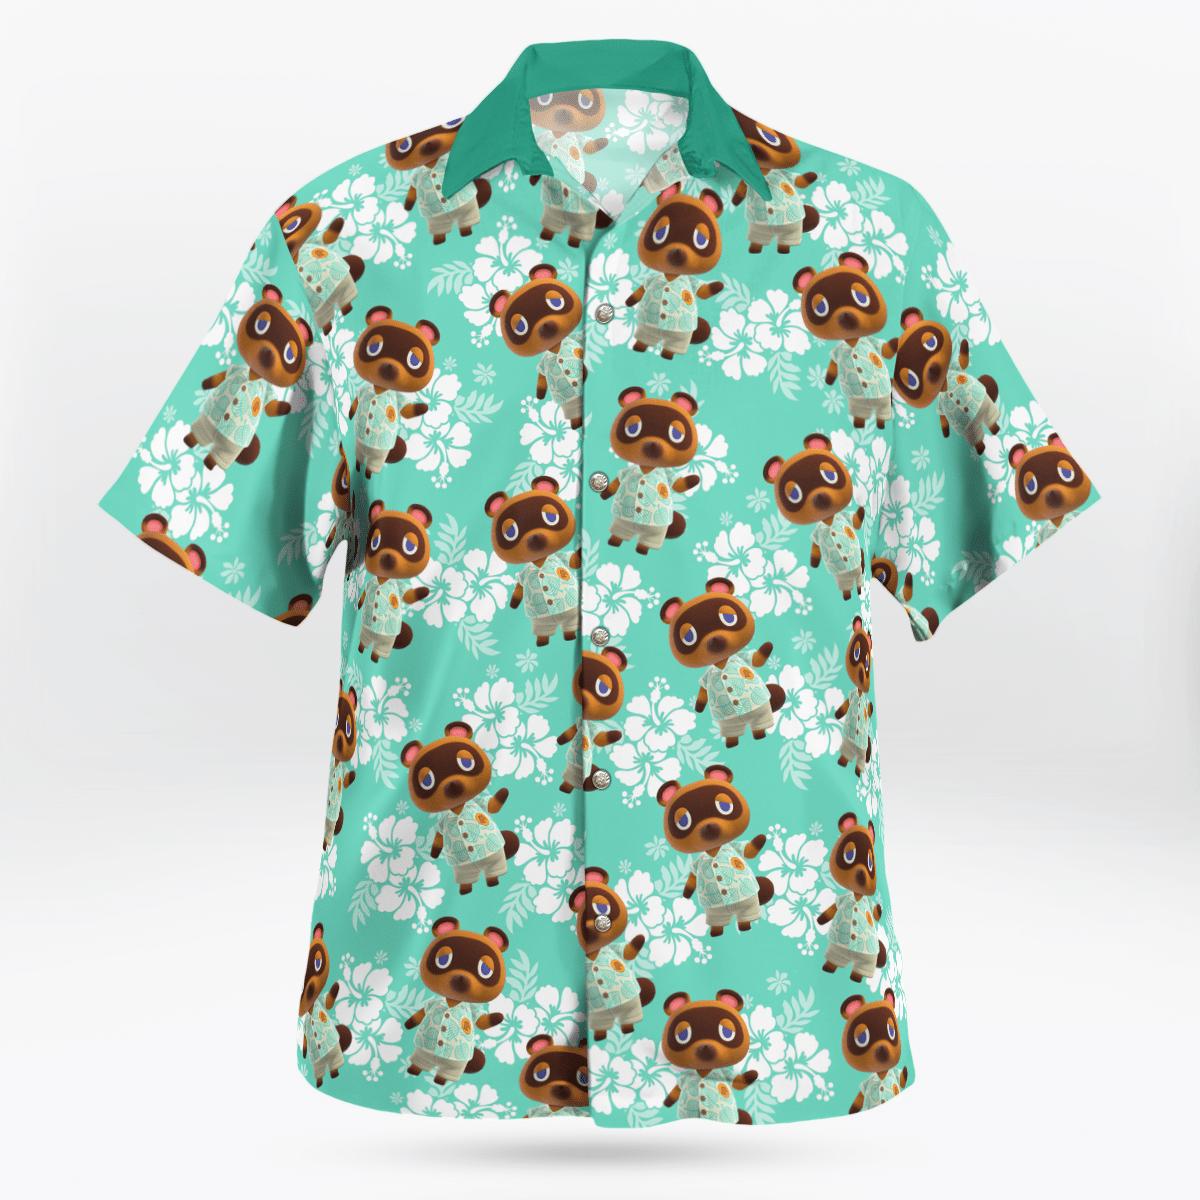 Tom Nook Hawaiian shirt 1